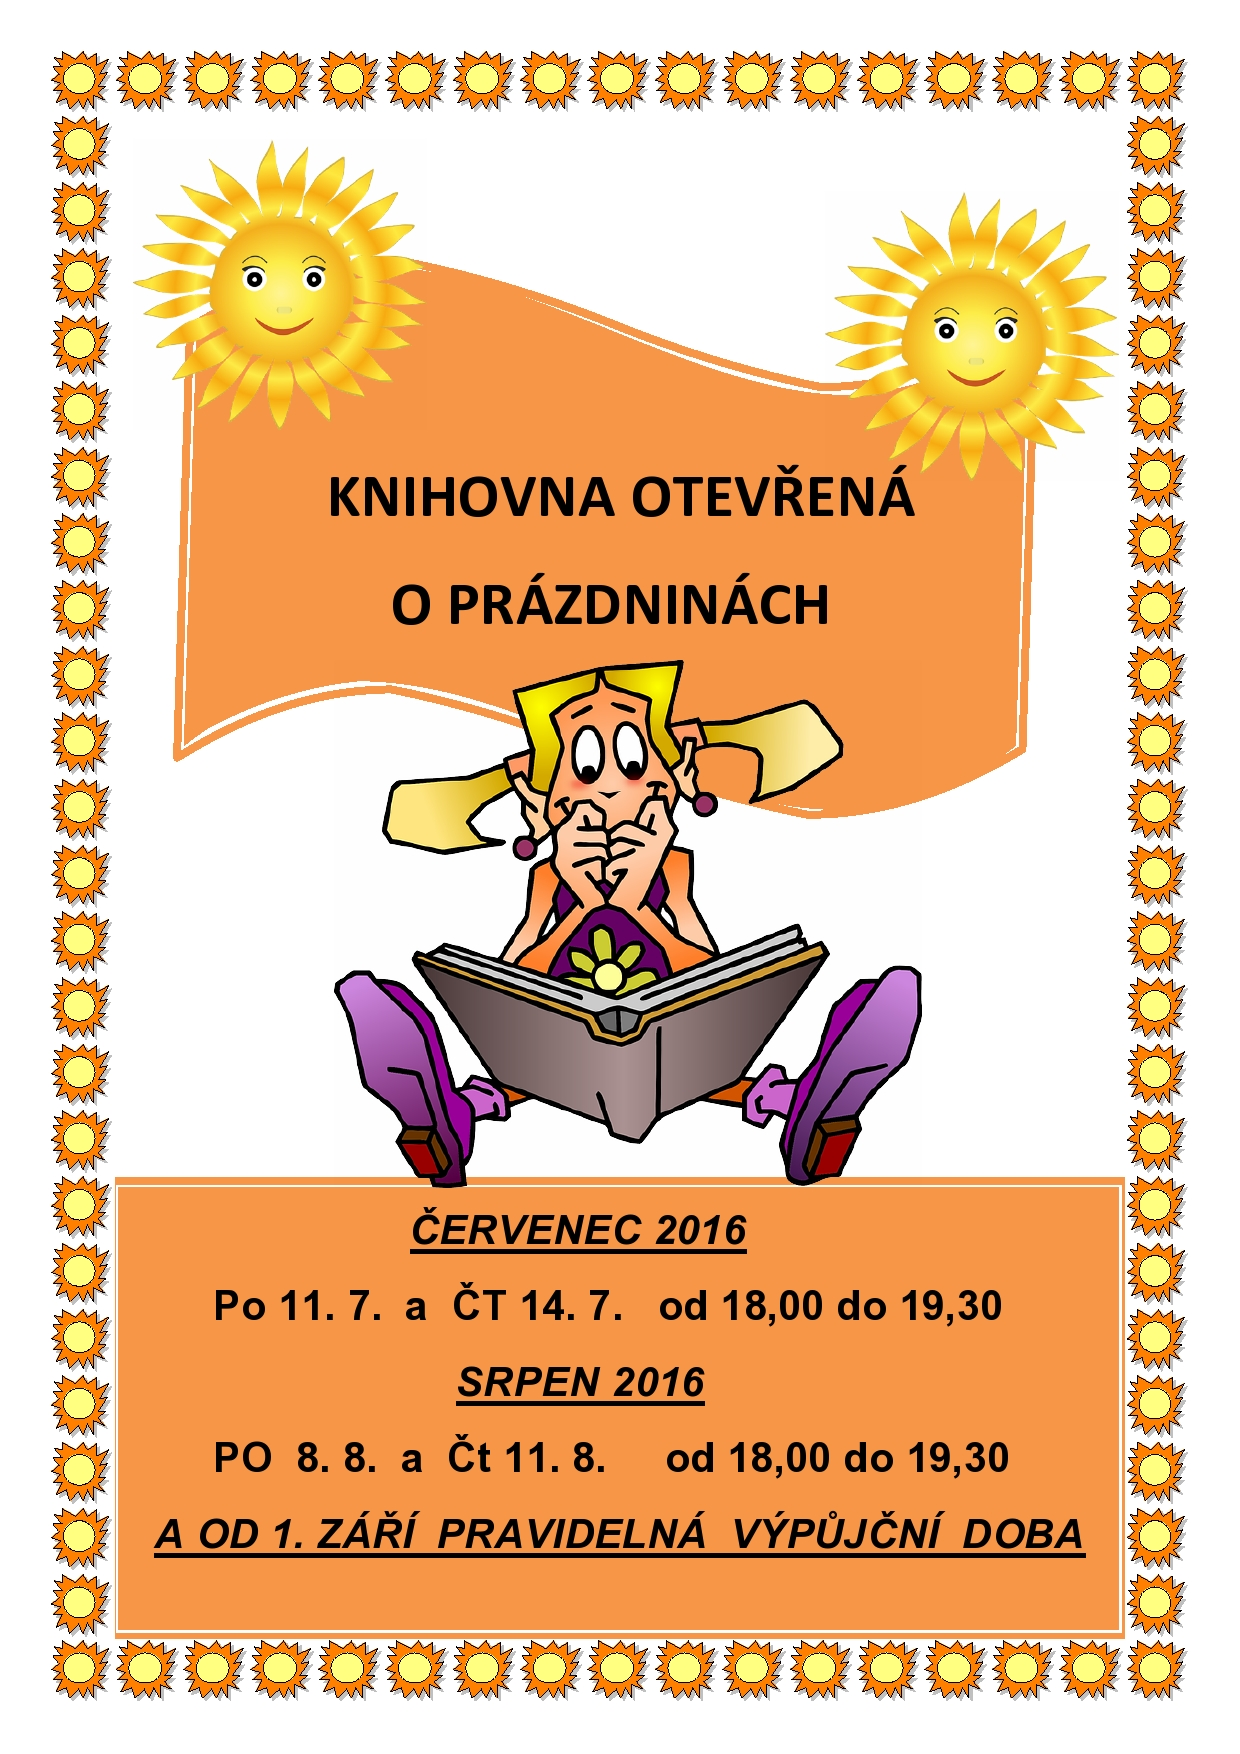 OBRÁZEK : otevtract_doba_knihovny_2016-page0001.jpg